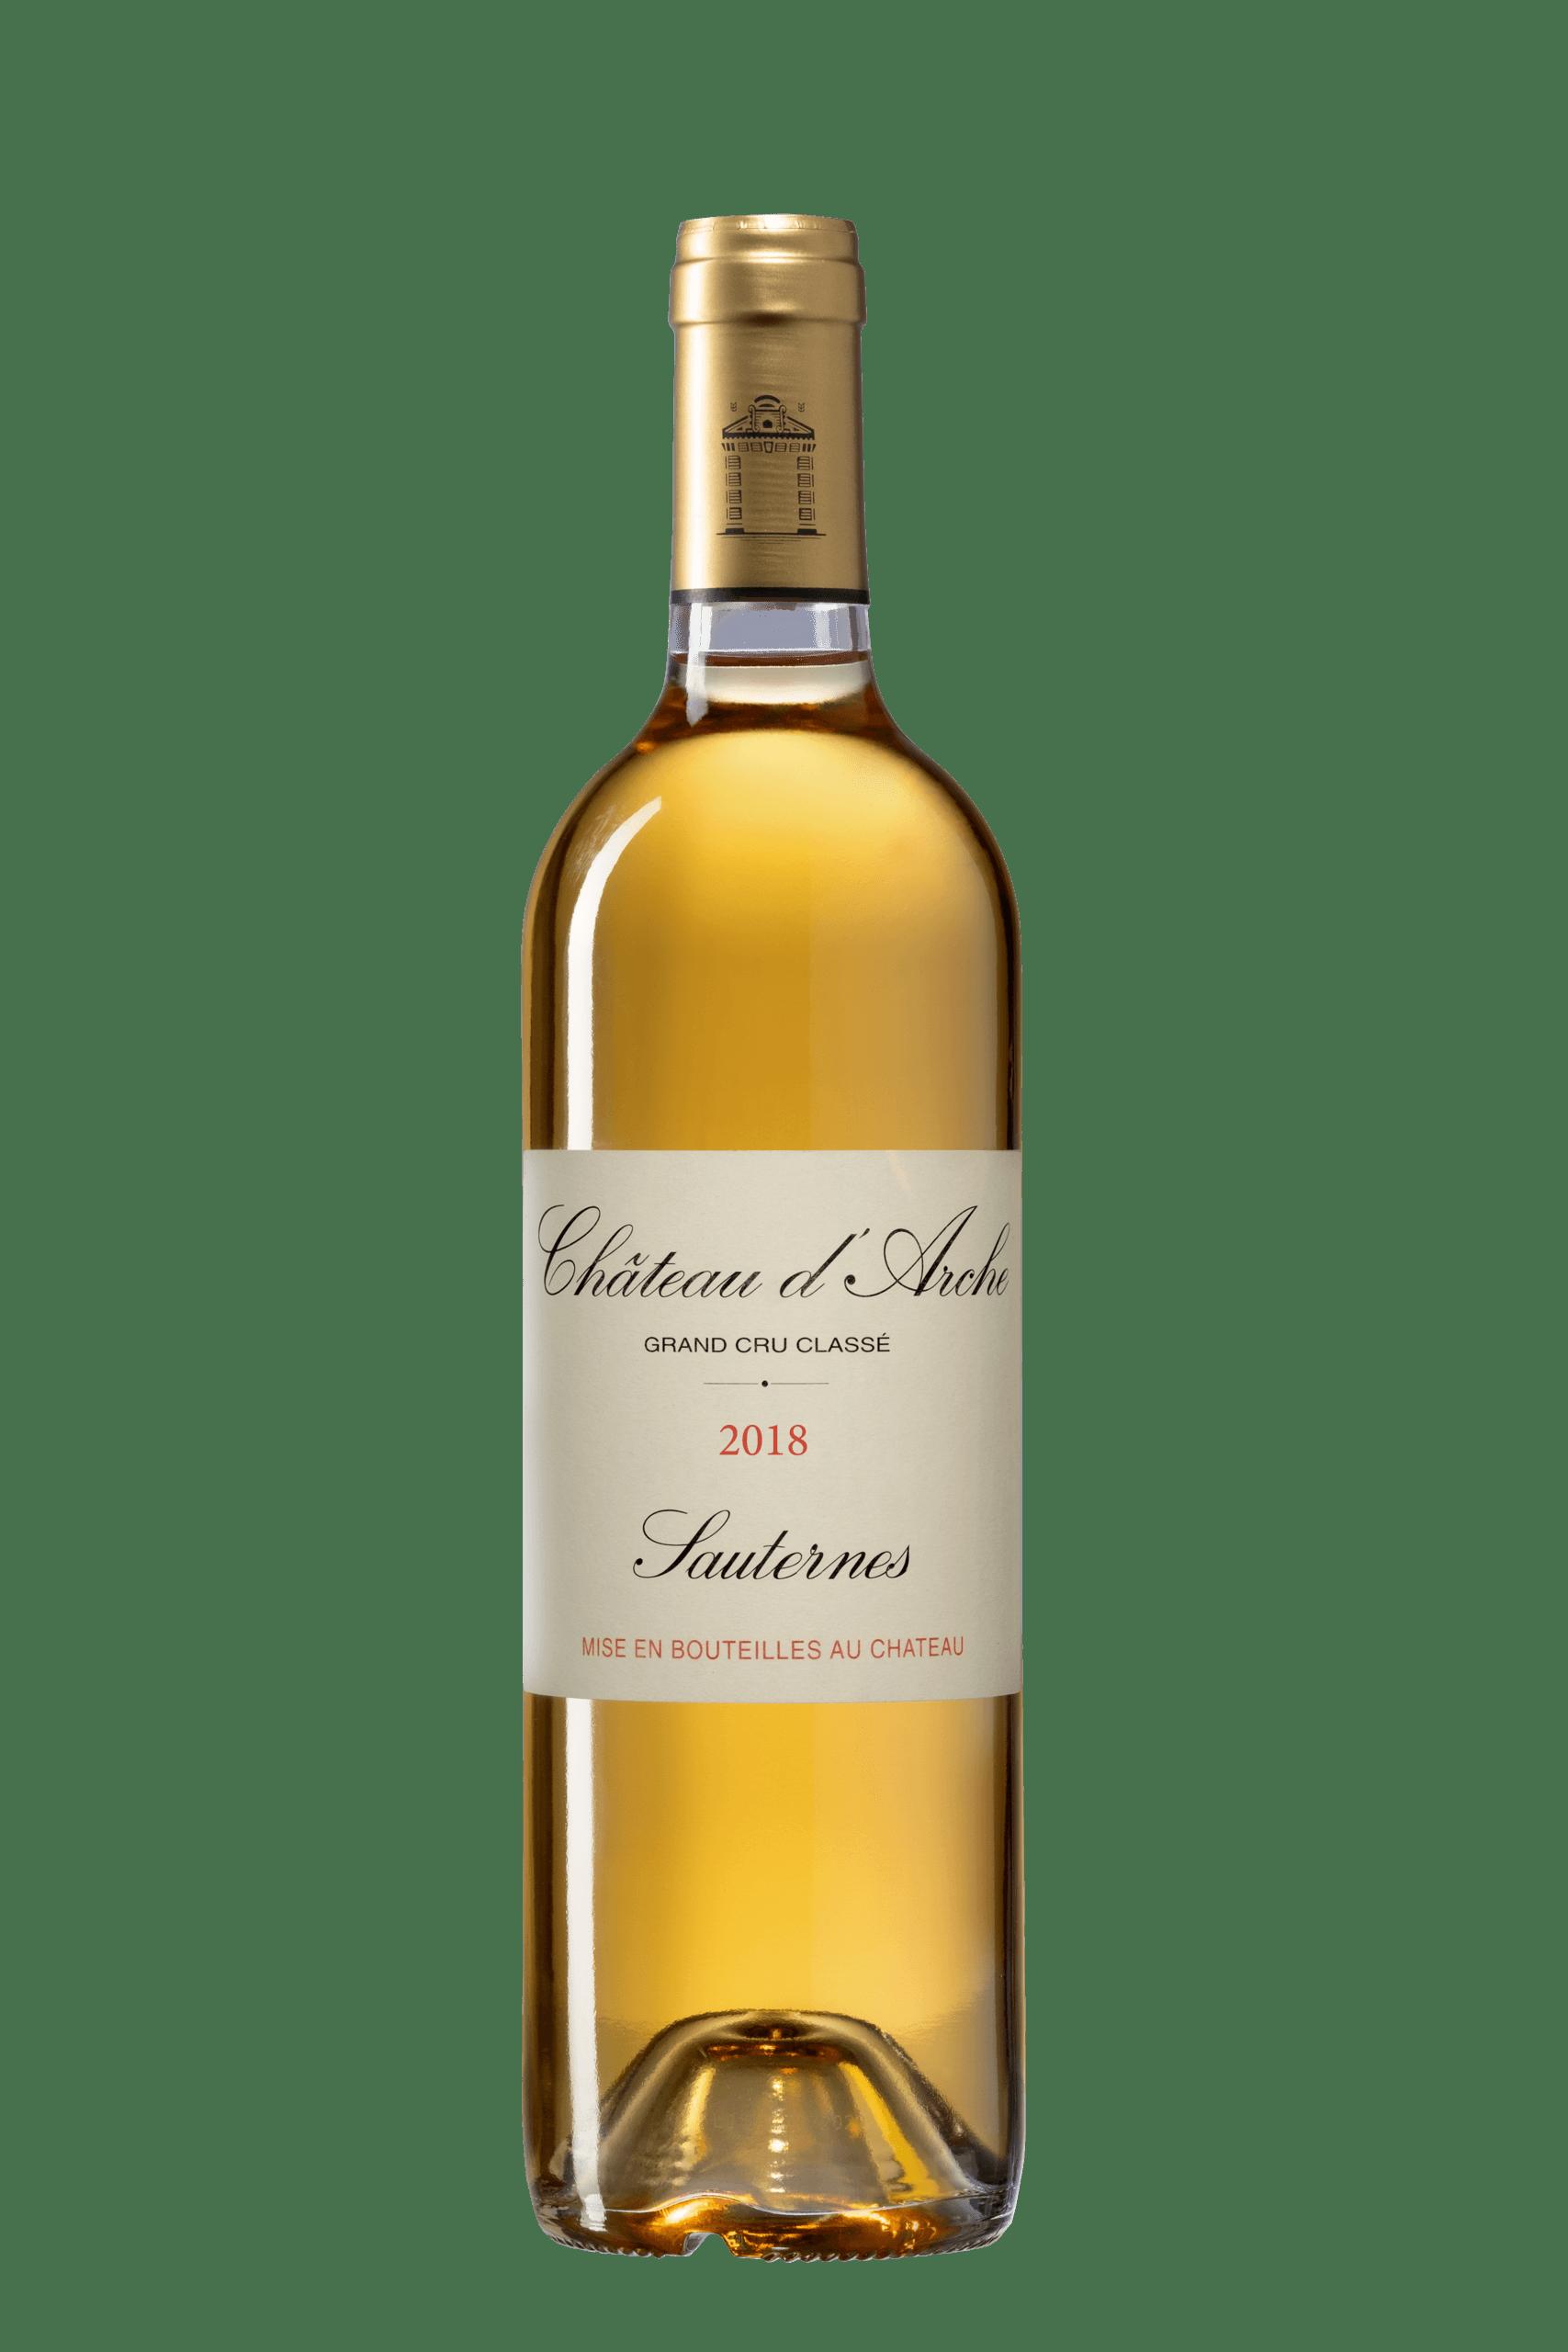 Château d'Arche bouteille, grand cru classé, Sauternes